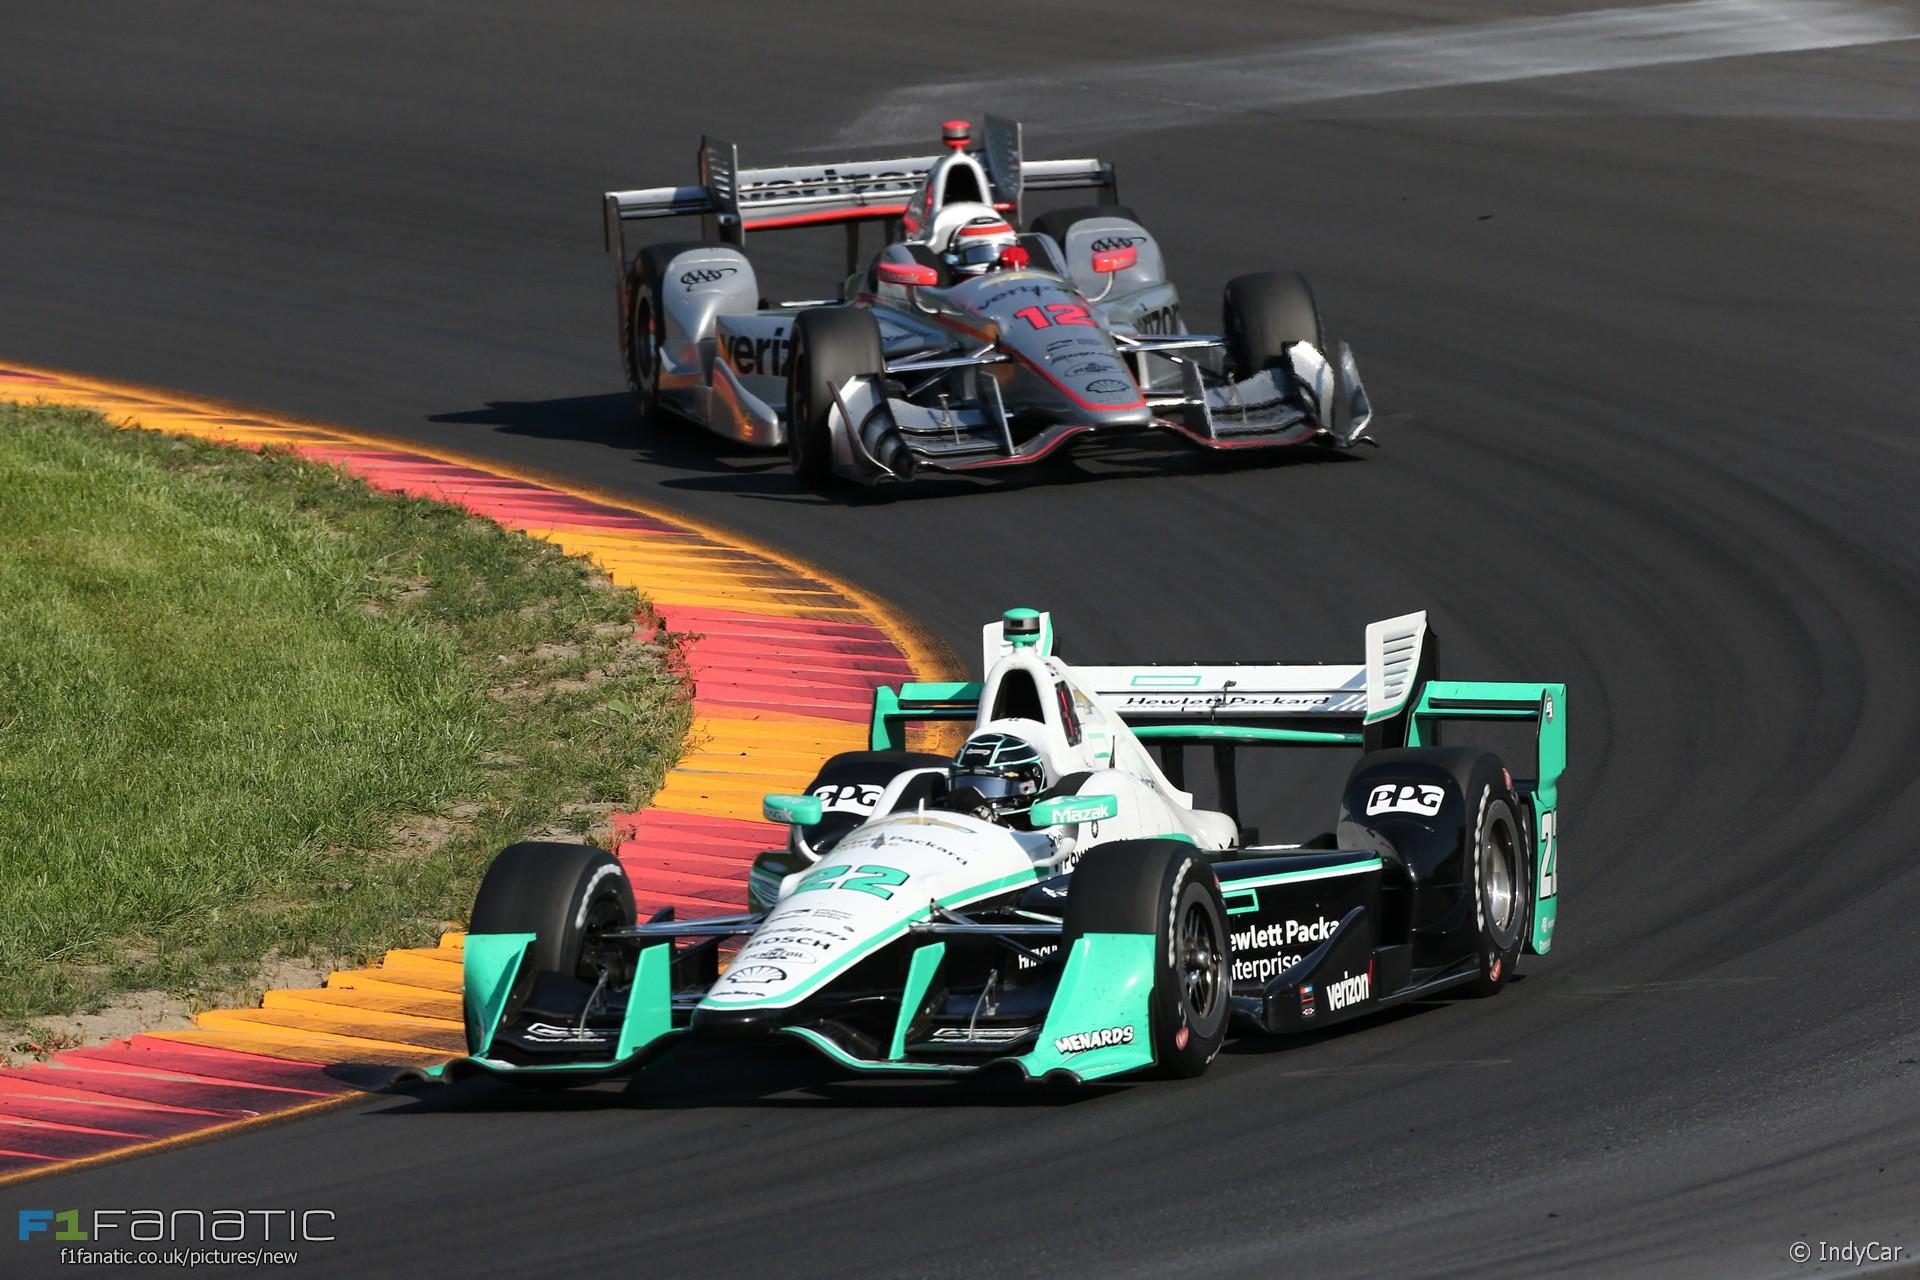 Simon Pagenaud, Will Power, IndyCar, Watkins Glen, 2016